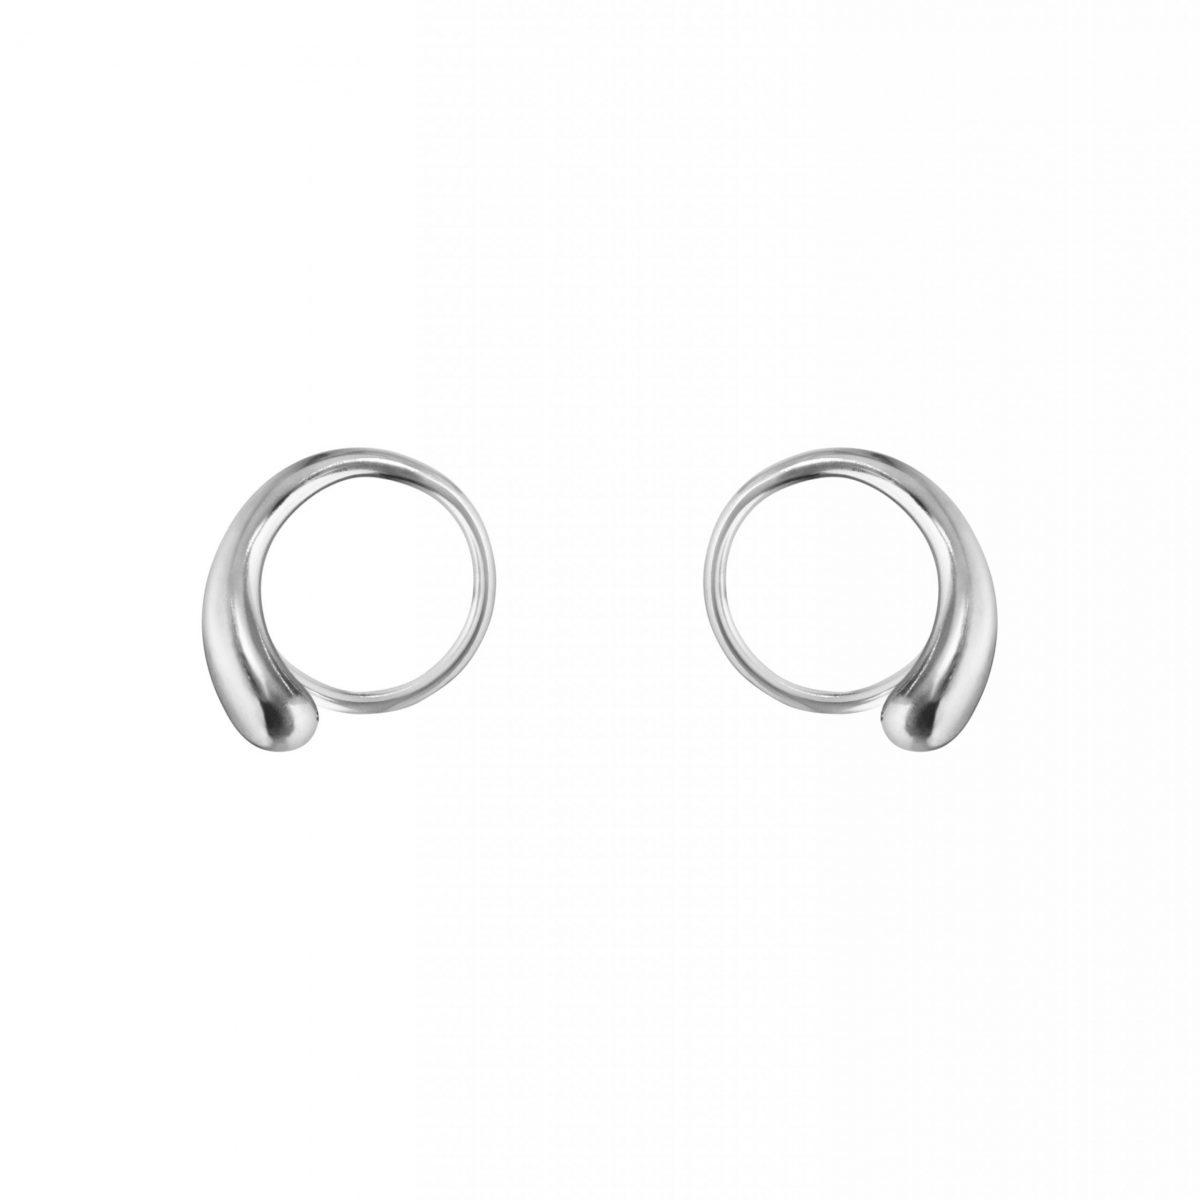 Georg Jensen Mercy Swirl Earrings